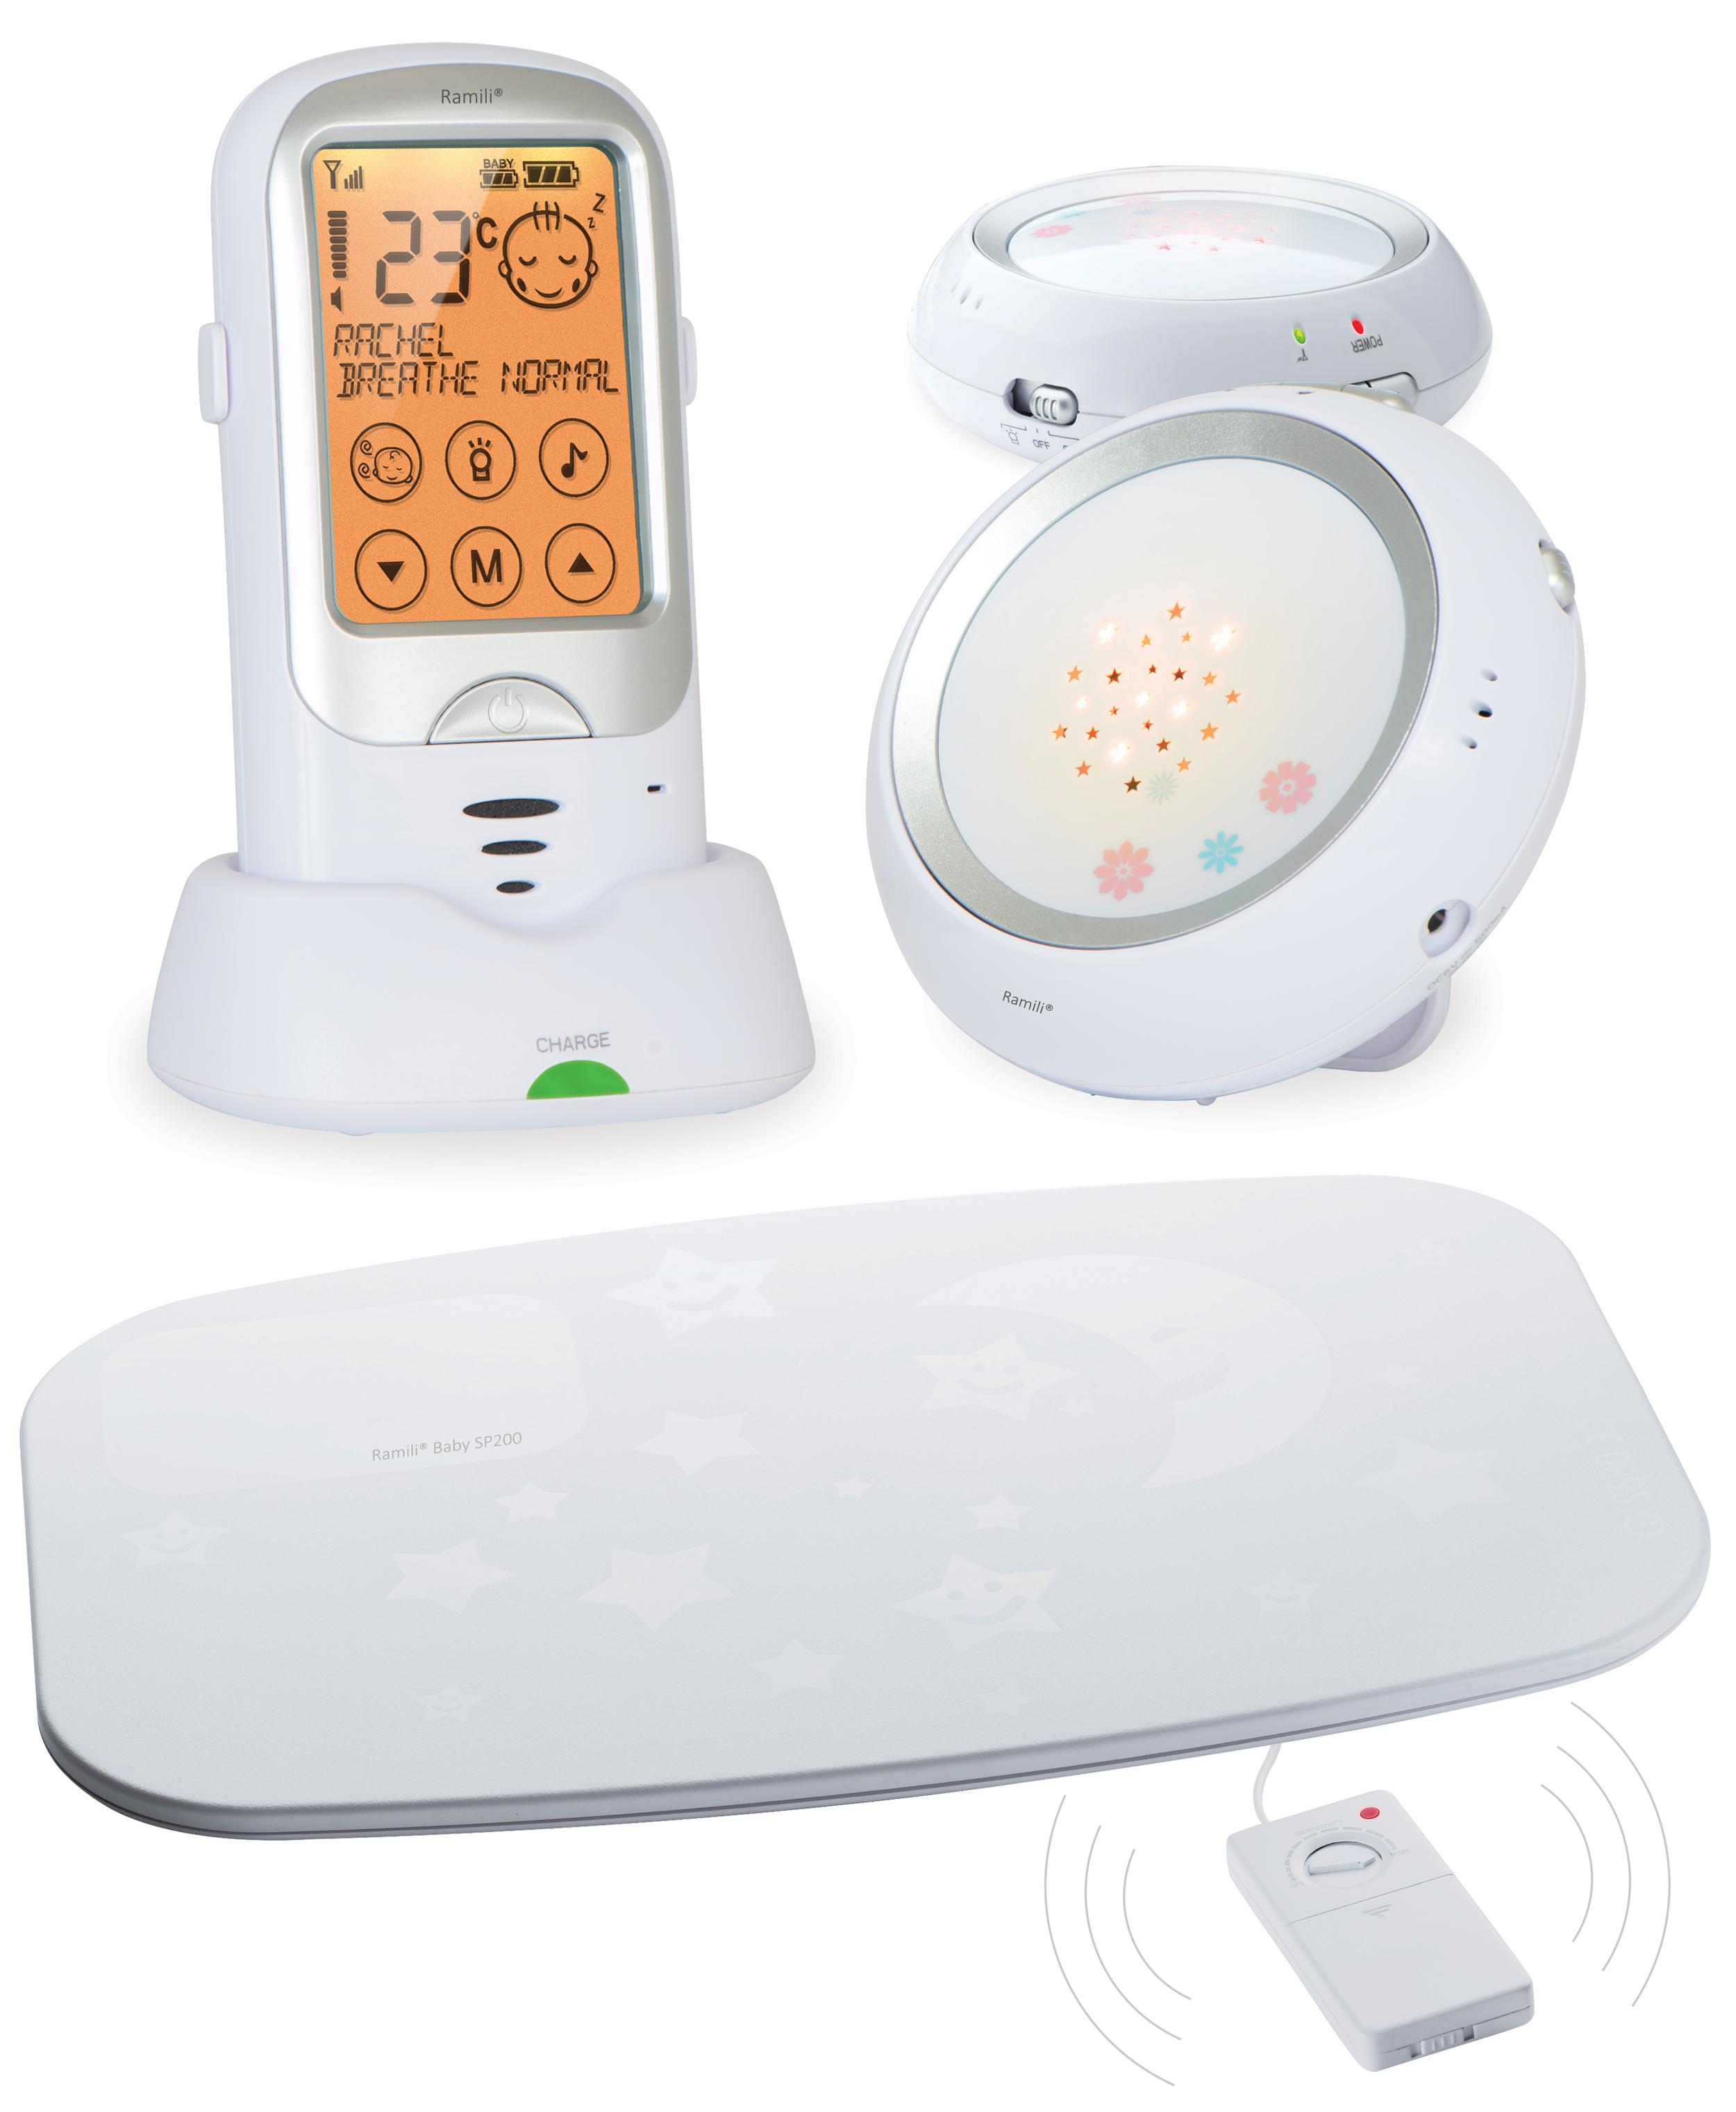 Радио-няня Ramili Baby с двумя детскими блоками и монитором дыхания RA300DuoSPRA300DUOSPРадио-няня Ramili Baby с двумя детскими блоками и монитором дыхания RA300DuoSP представляет собой радионяню, вобравшую в себя все передовые технологии. Она обеспечивает простое и удобное общение с ребенком, полностью безопасна, ее звучание является кристально чистым, а диапазон действия составляет расстояние до 650 метров. Устройство постоянно в автоматическом режиме мониторит расстояние между блоками и регулирует мощность передачи сигнала, тем самым продлевая срок службы аккумулятора. Радио-няня Ramili Baby с двумя детскими блоками и монитором дыхания RA300DuoSP включает в себя множество полезных, потрясающих возможностей, обеспечивающих высоким комфорт при использовании в повседневной жизни: сенсорный дисплей, автоматическое определение плача ребенка, двустороннюю связь, великолепный ночник с возможностью проецирования симпатичных звезд и многое другое. Два детских блока Онлайн мониторинг (прослушивание детской комнаты) Подключение...